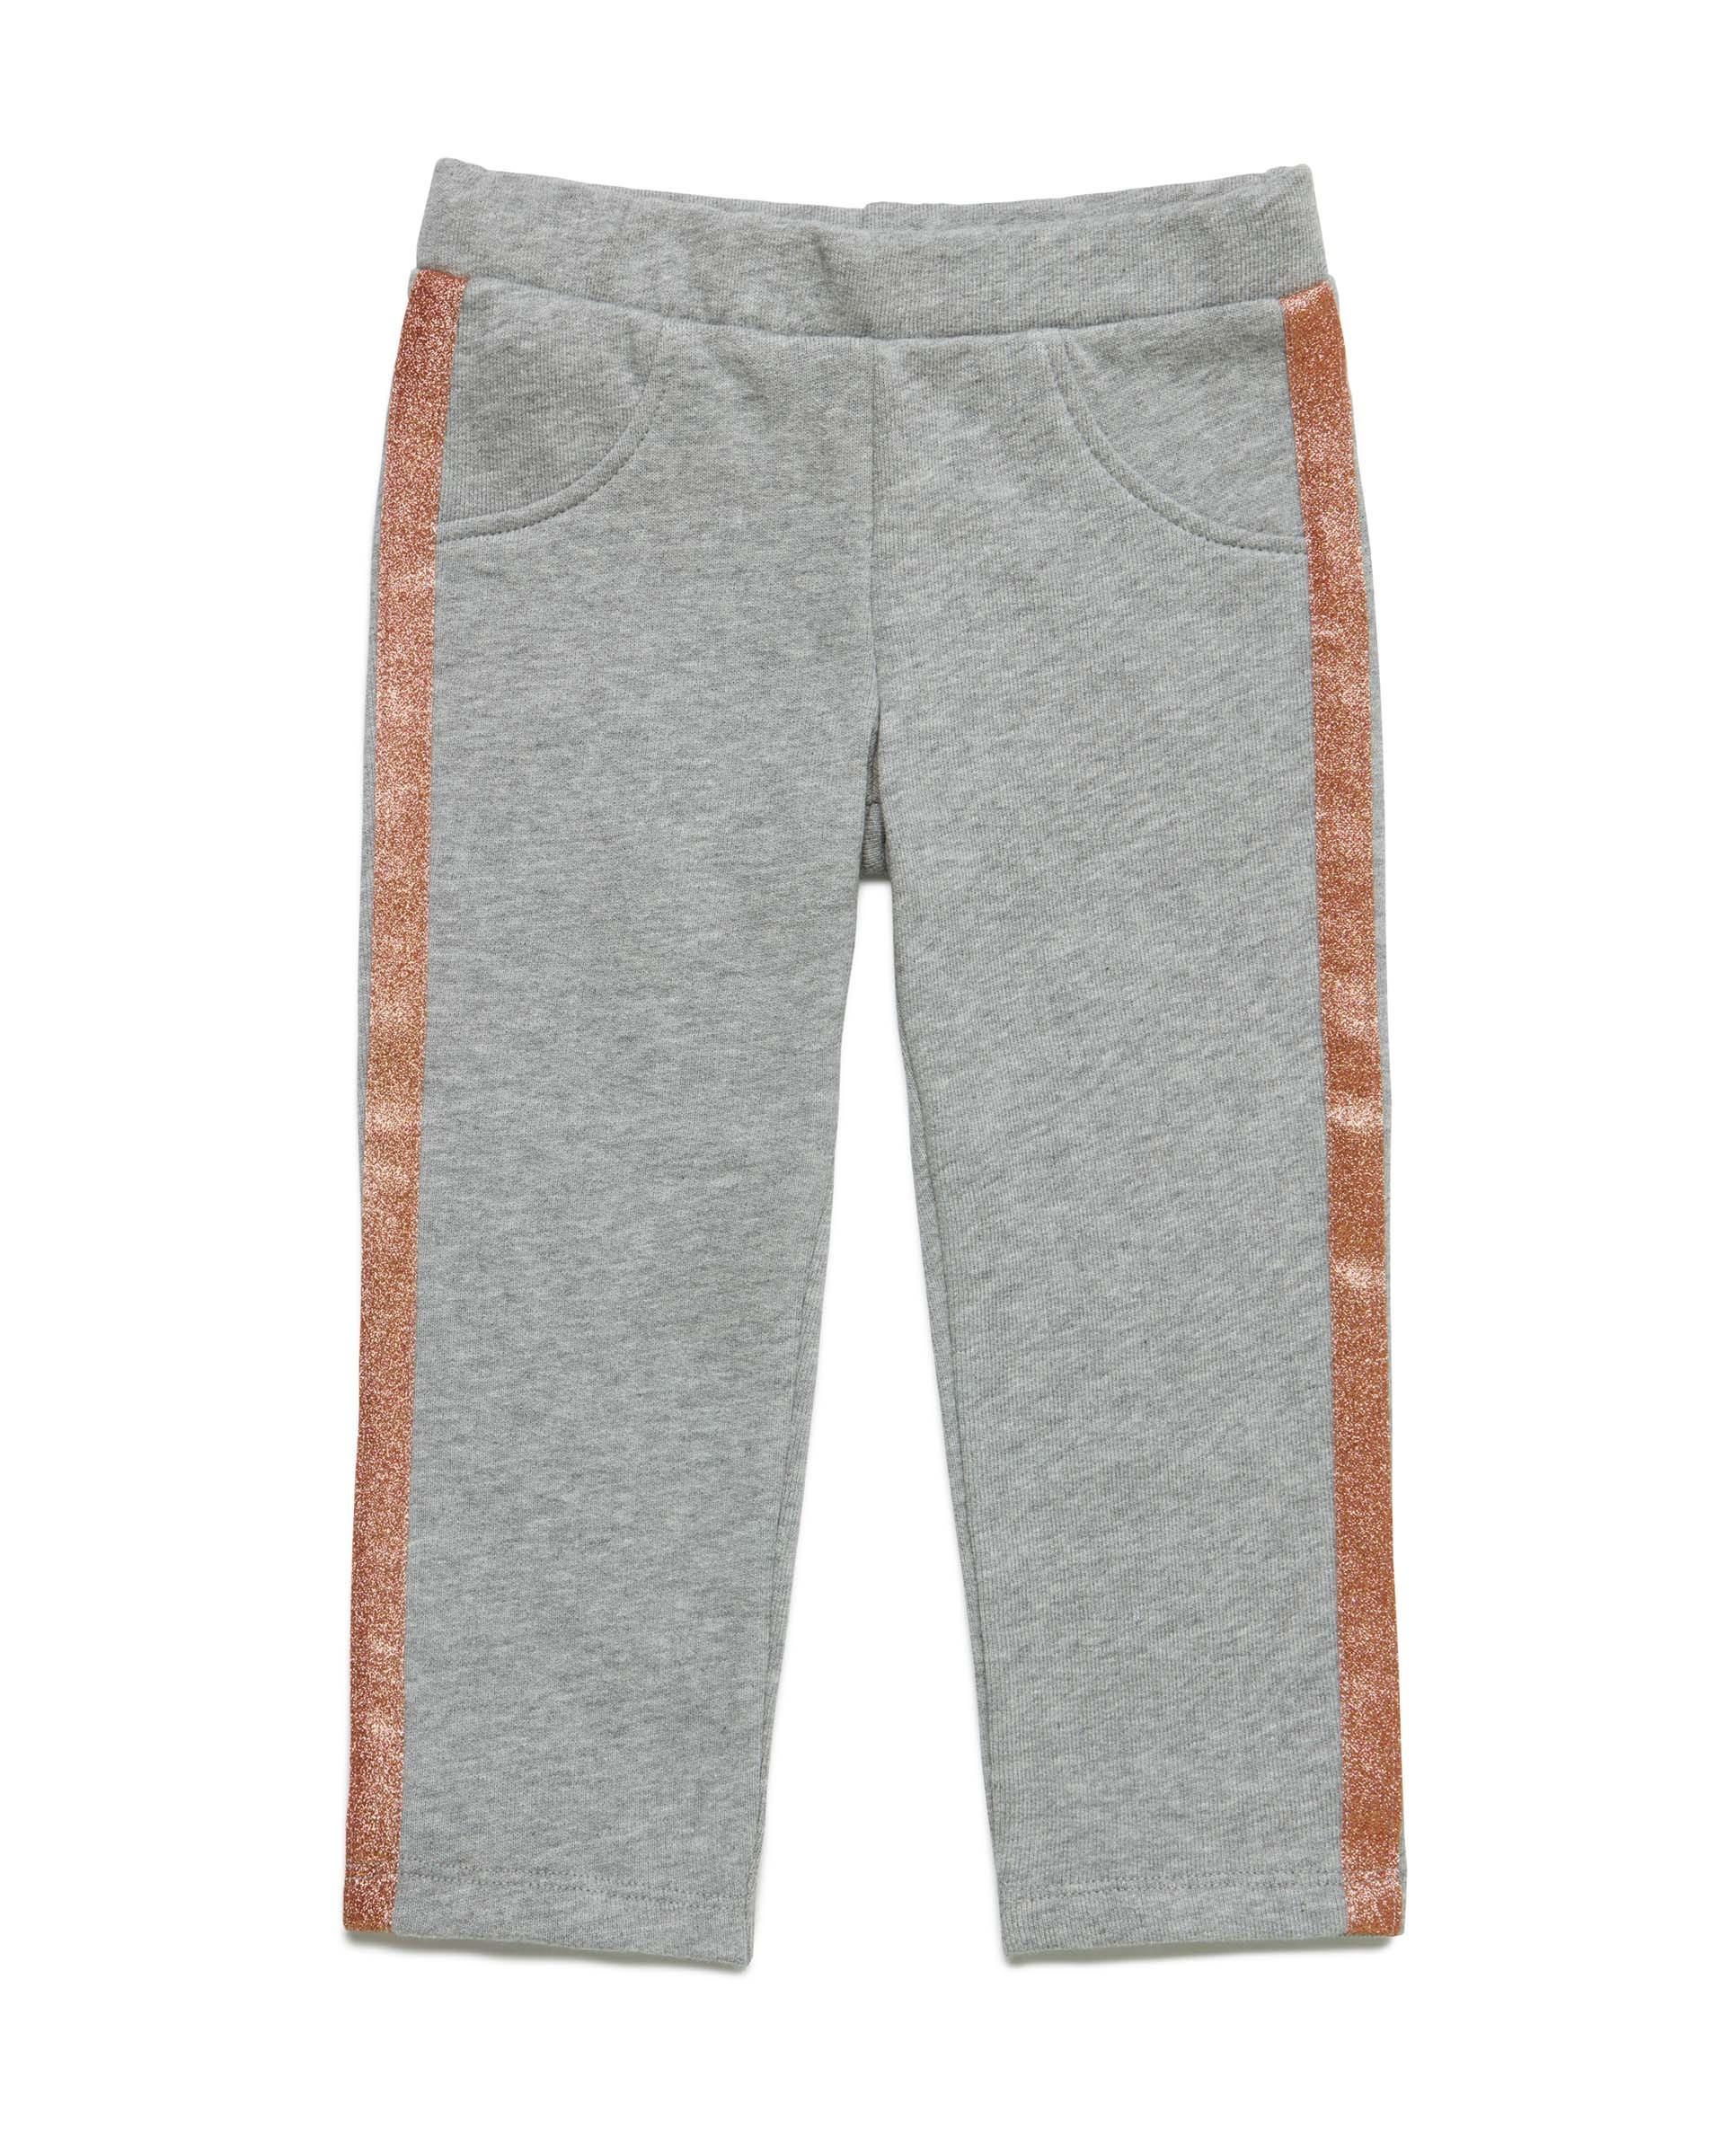 Купить 20P_3J68I02DP_501, Спортивные брюки для девочек Benetton 3J68I02DP_501 р-р 110, United Colors of Benetton, Брюки для девочек